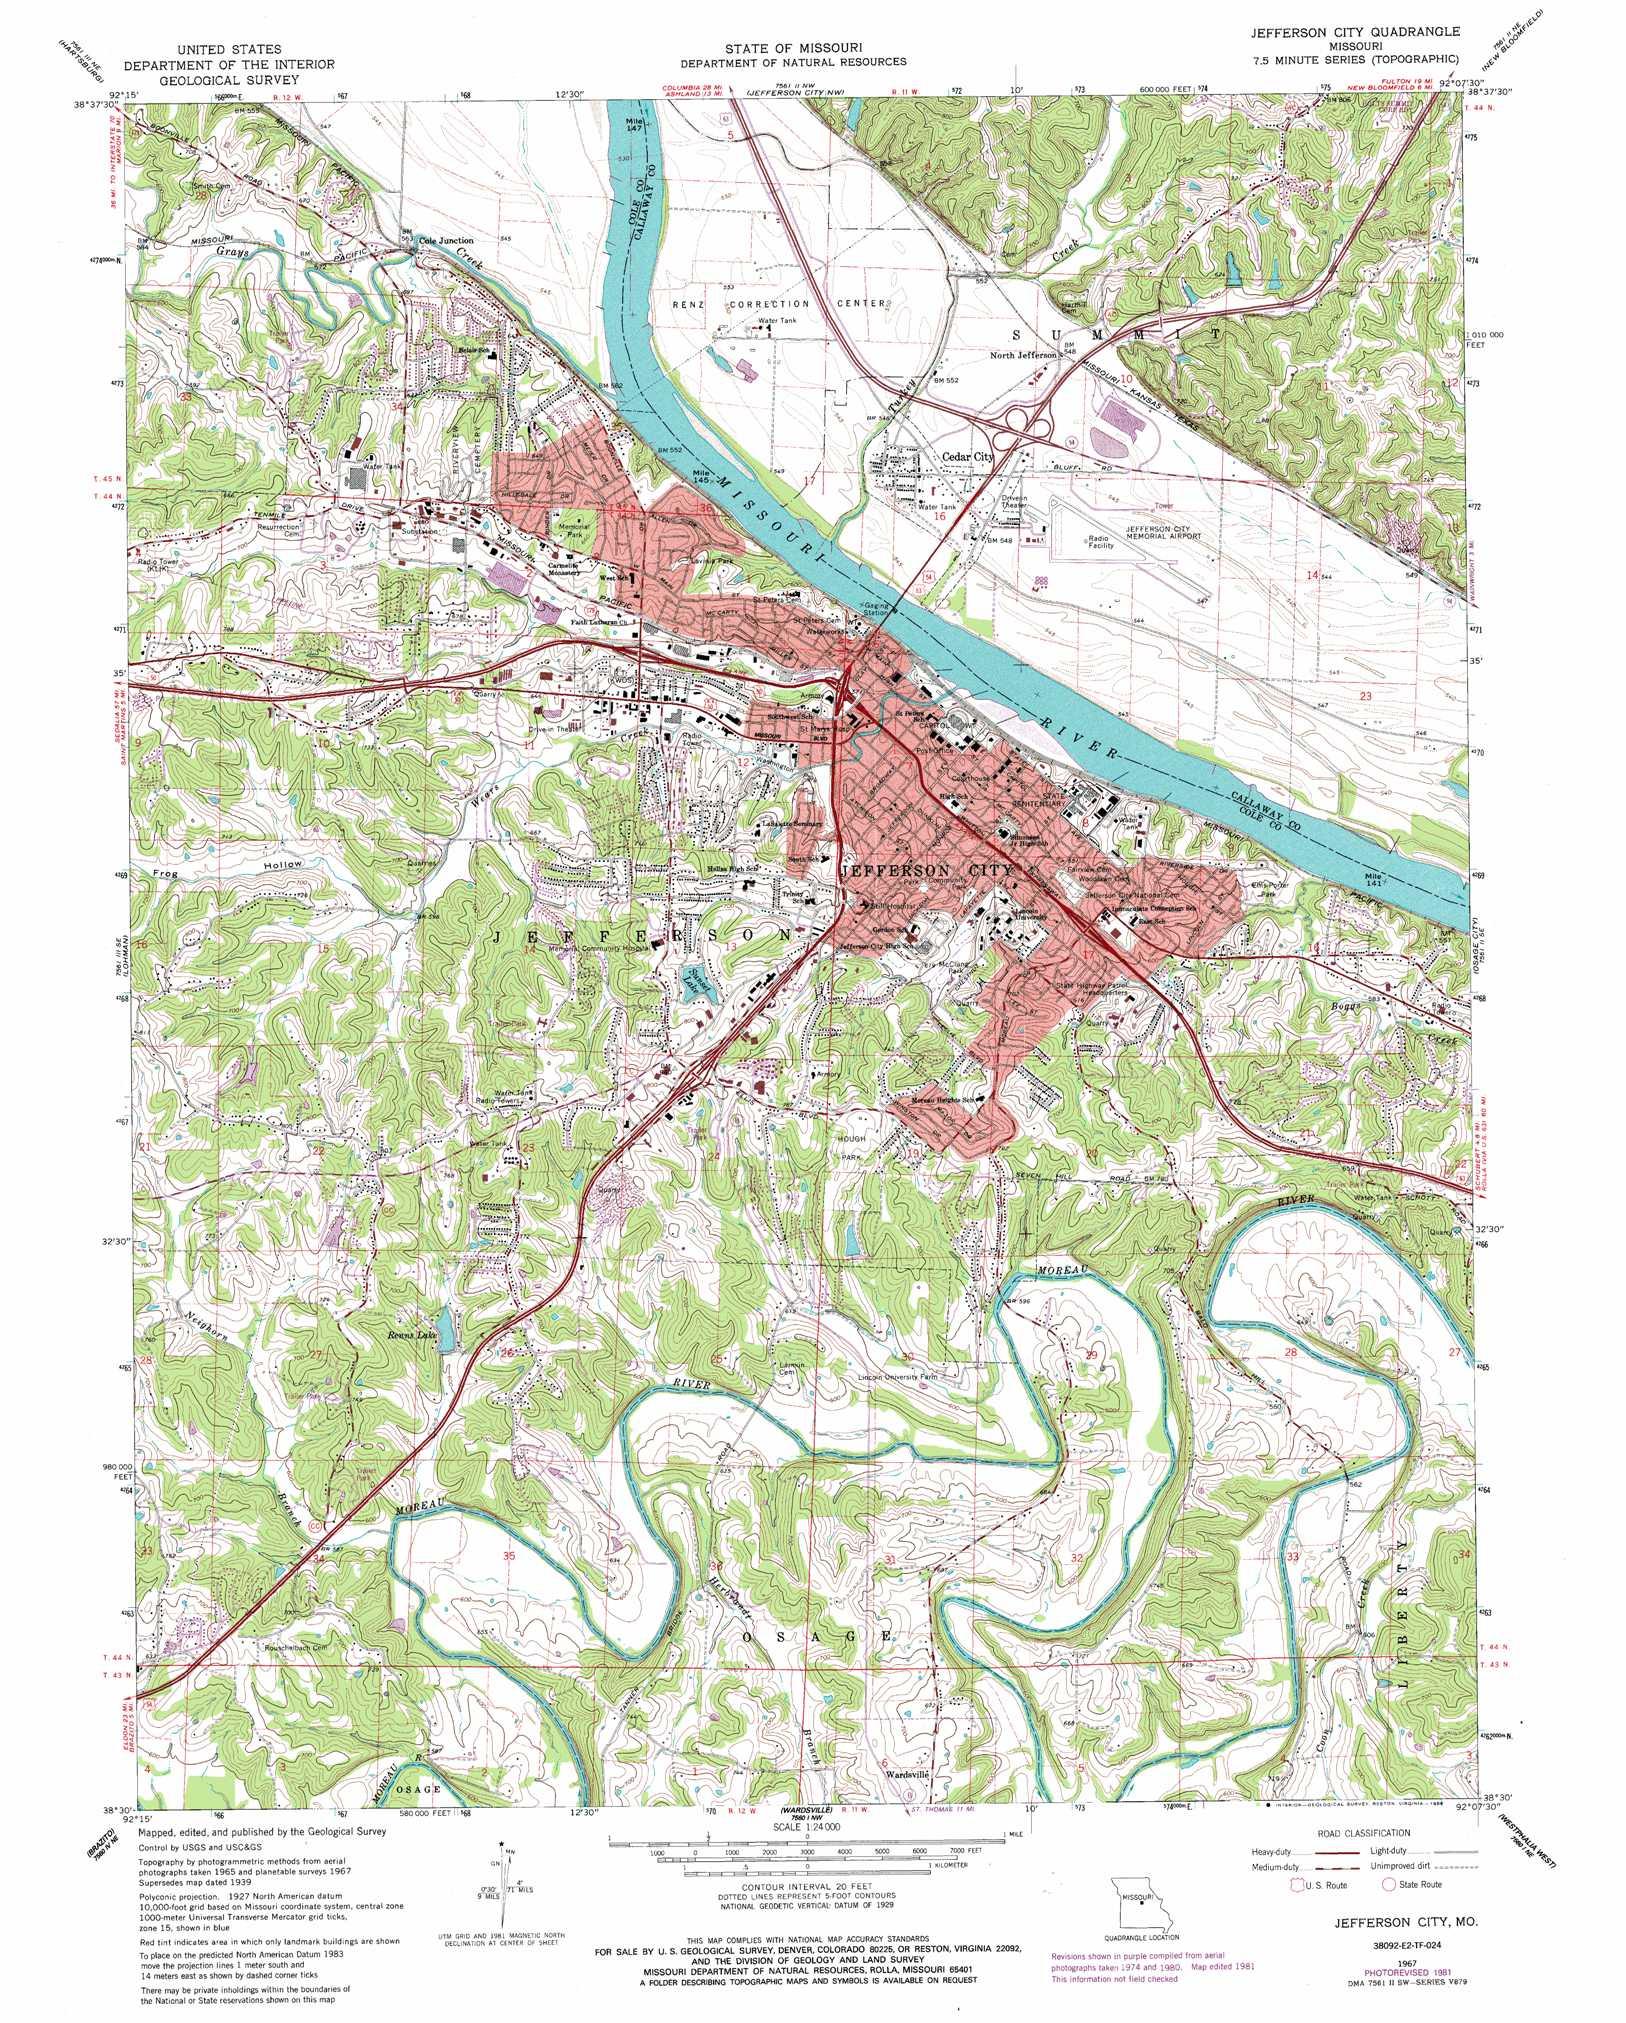 Jefferson City Topographic Map MO  USGS Topo Quad 38092e2